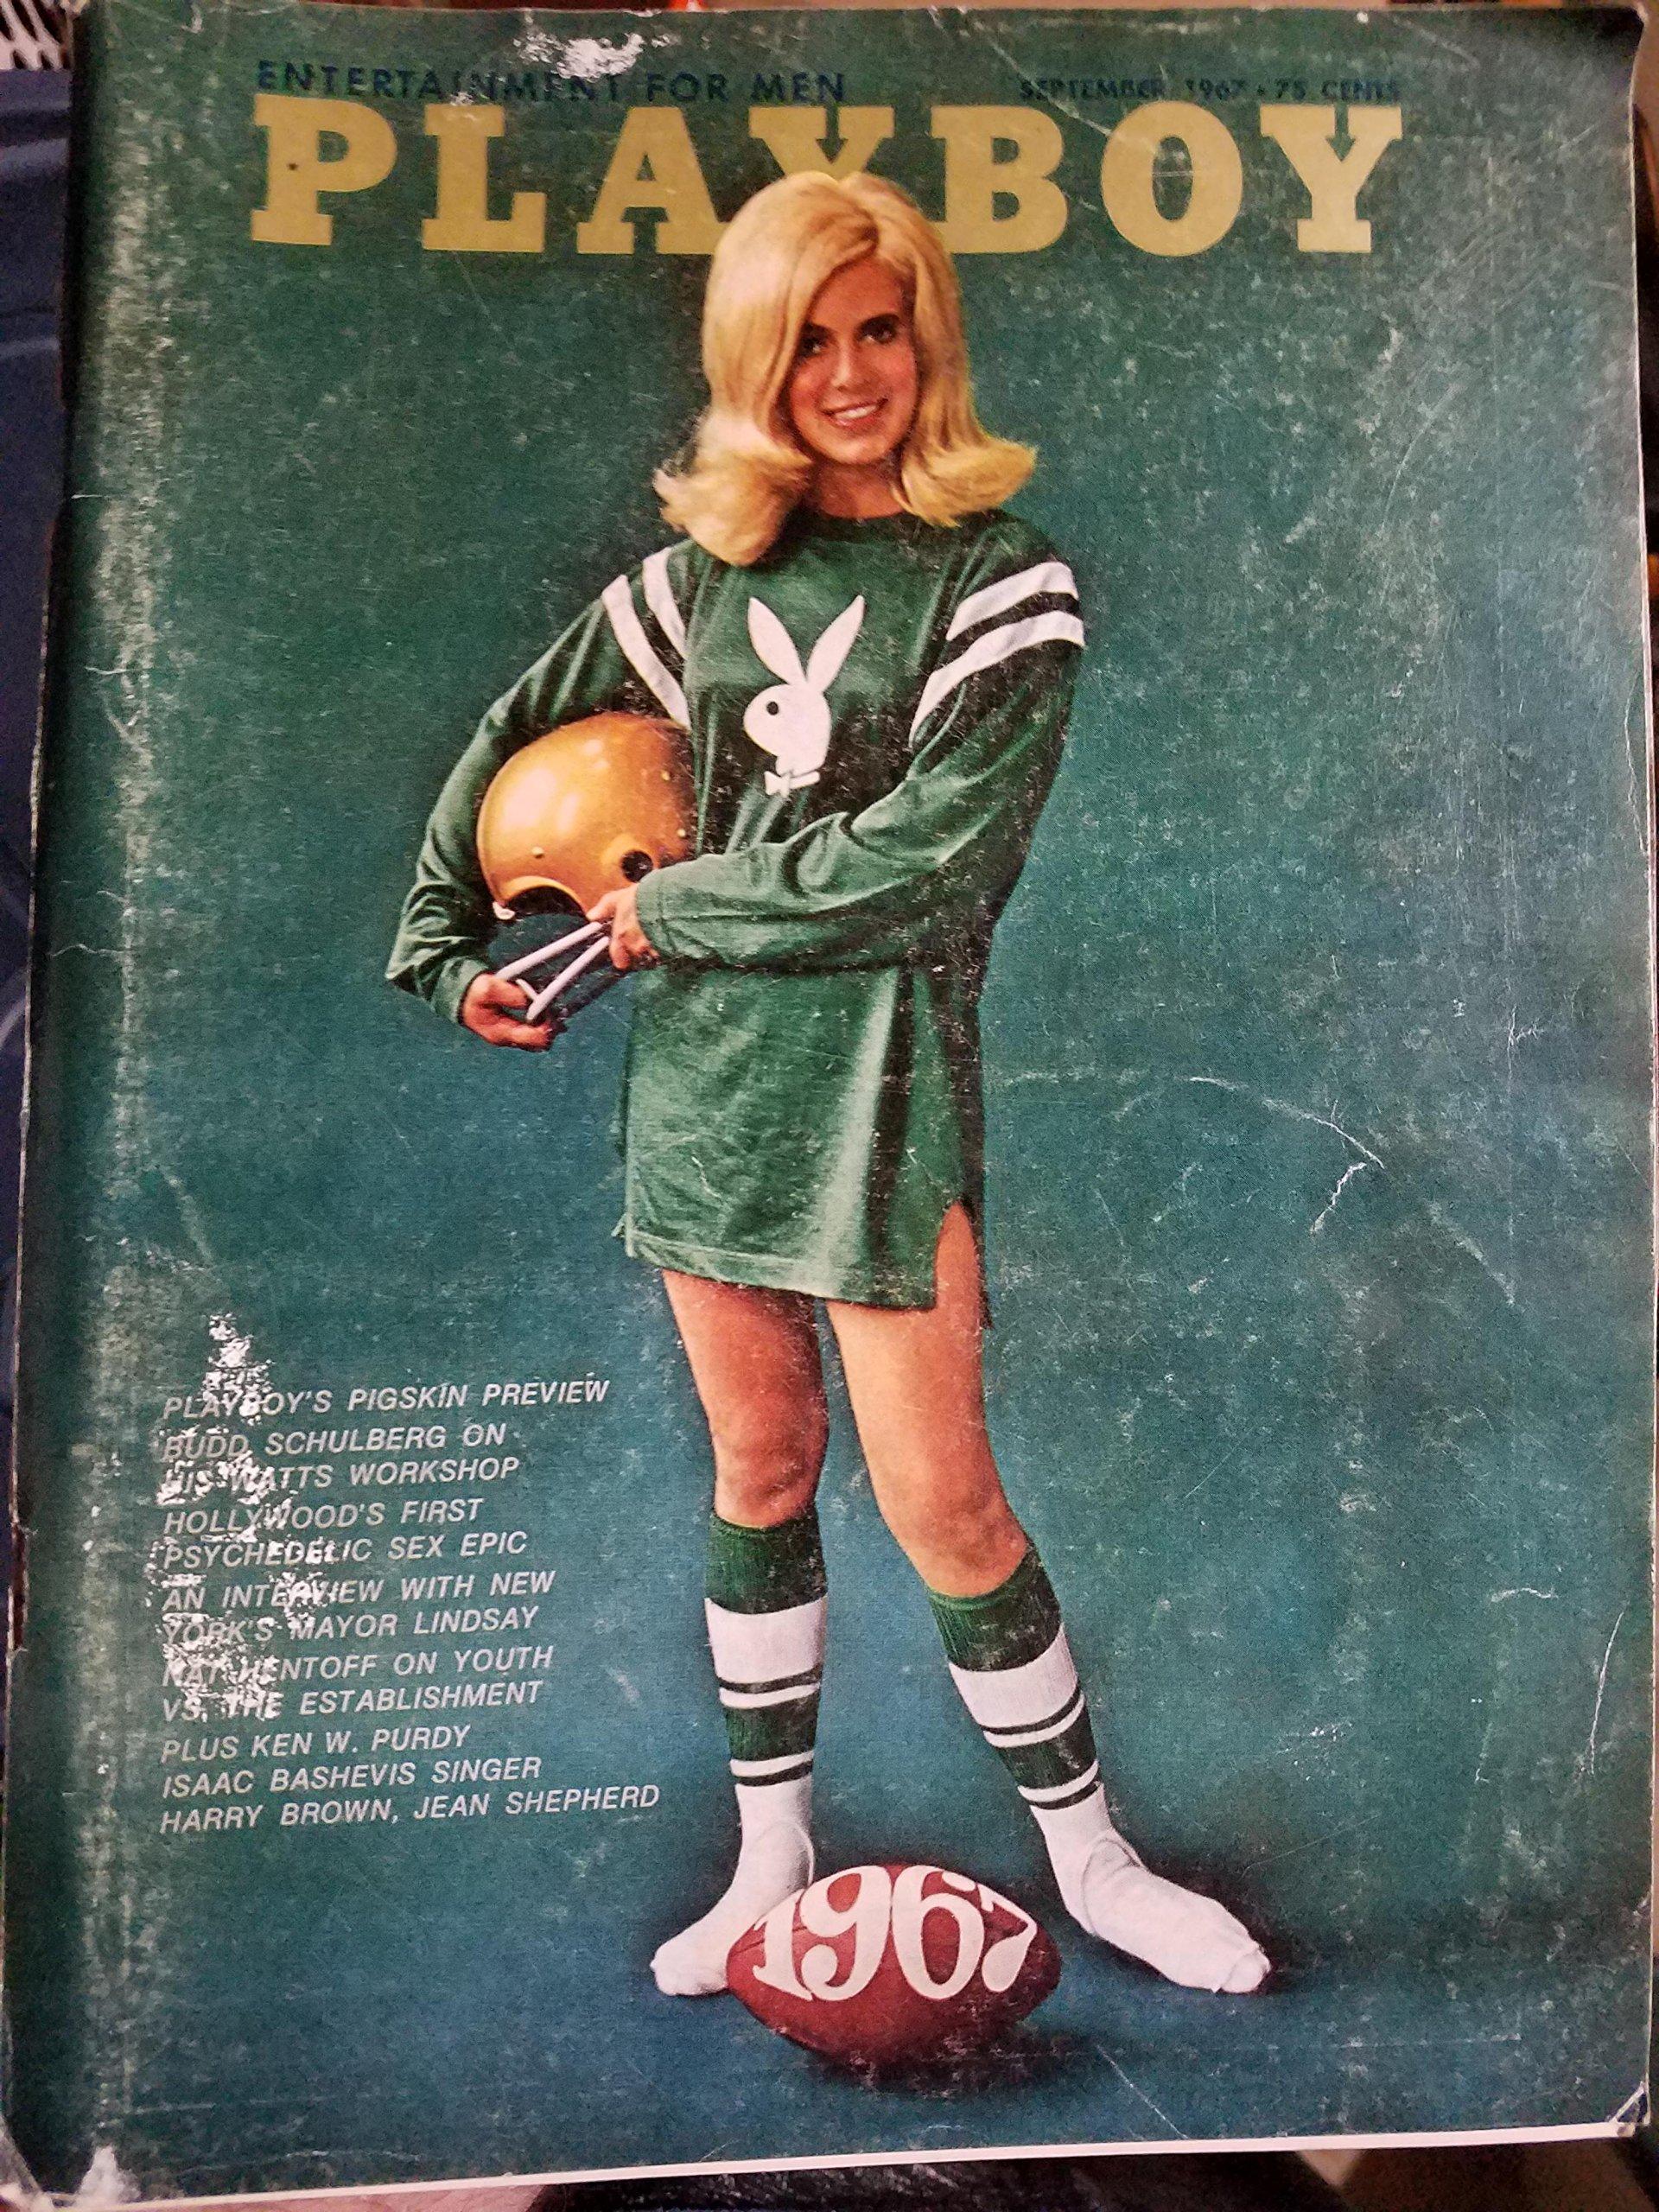 Playboy Magazine, September 1967 (No. 9, Vol. 14): Amazon.com: Books